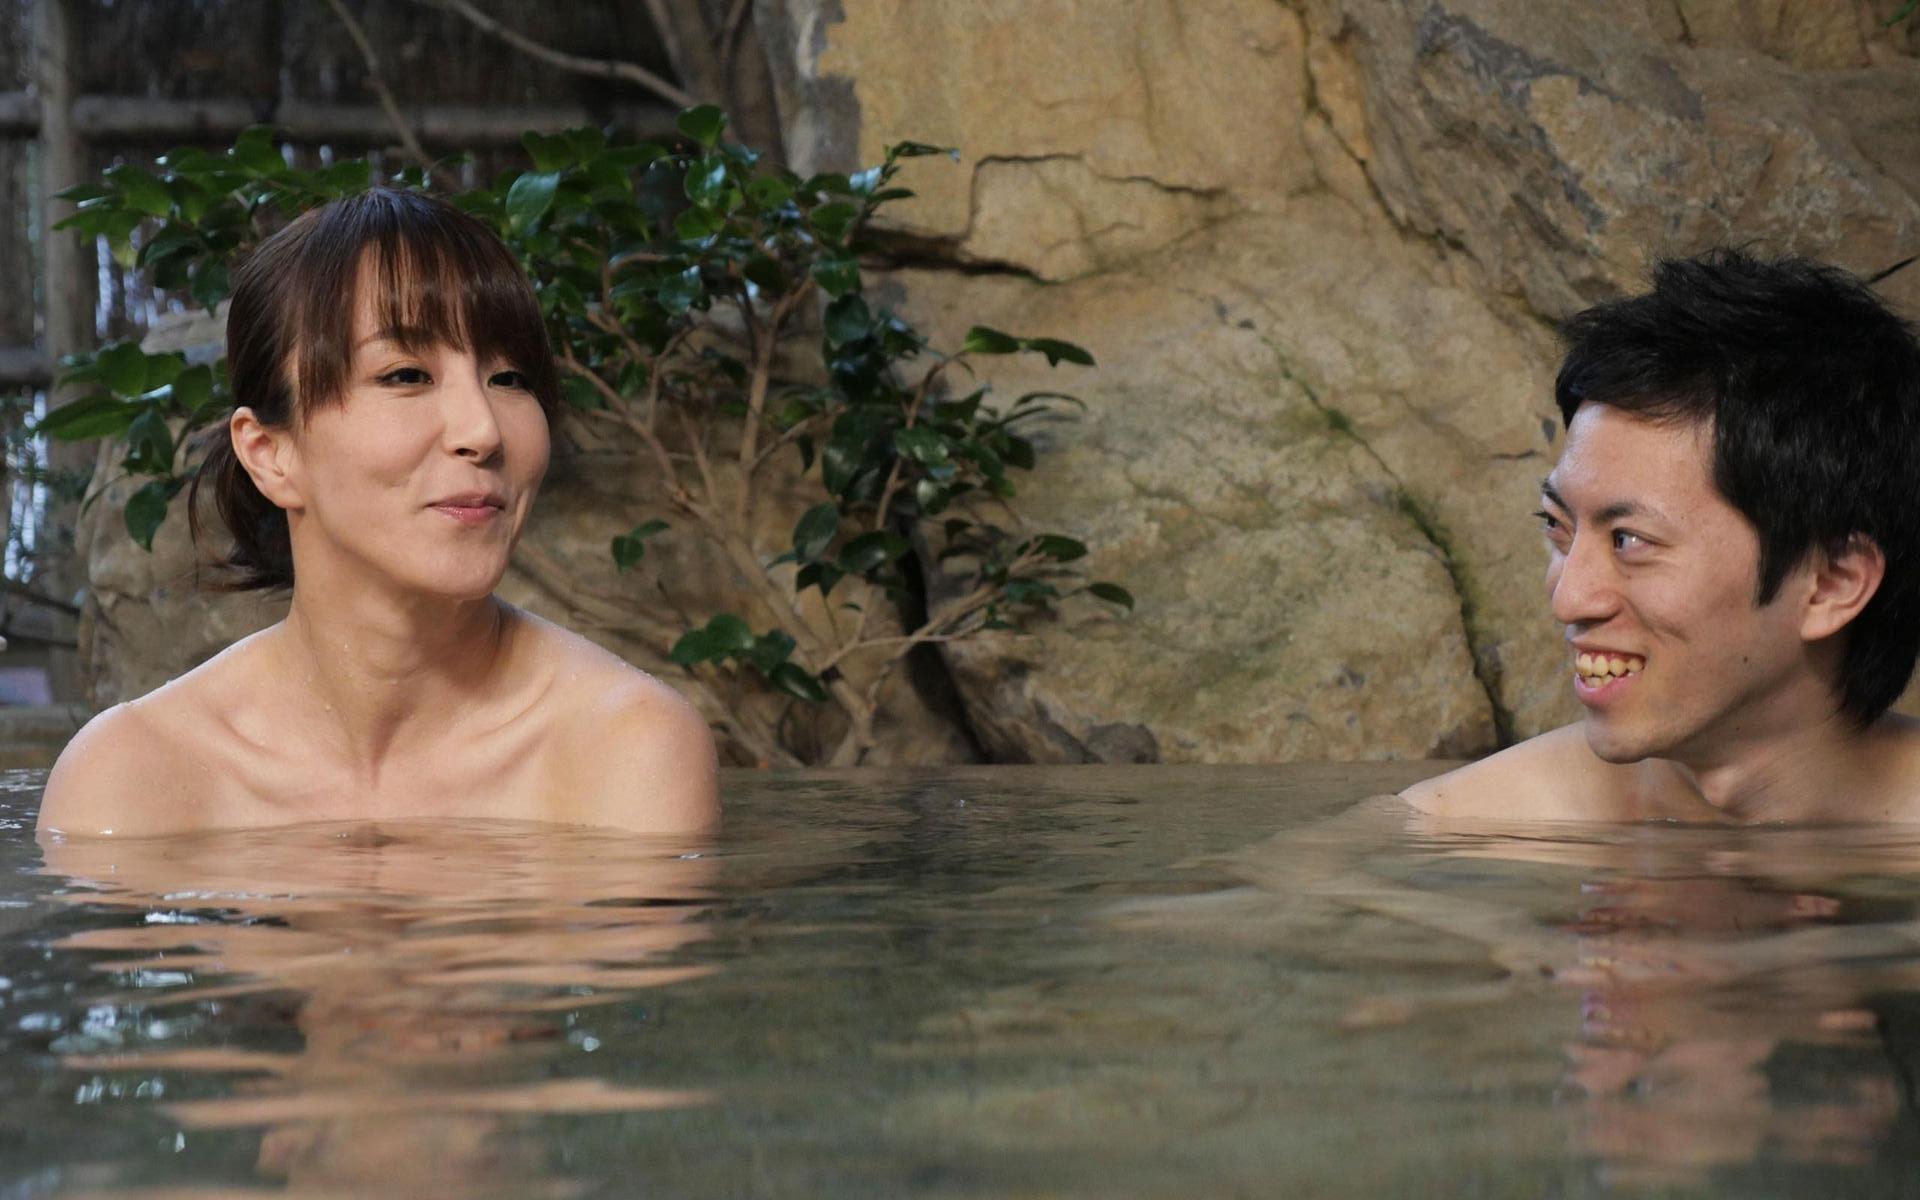 澤村レイコ『桃色温泉旅情・上諏訪路』(デジタル写真集) 164photos